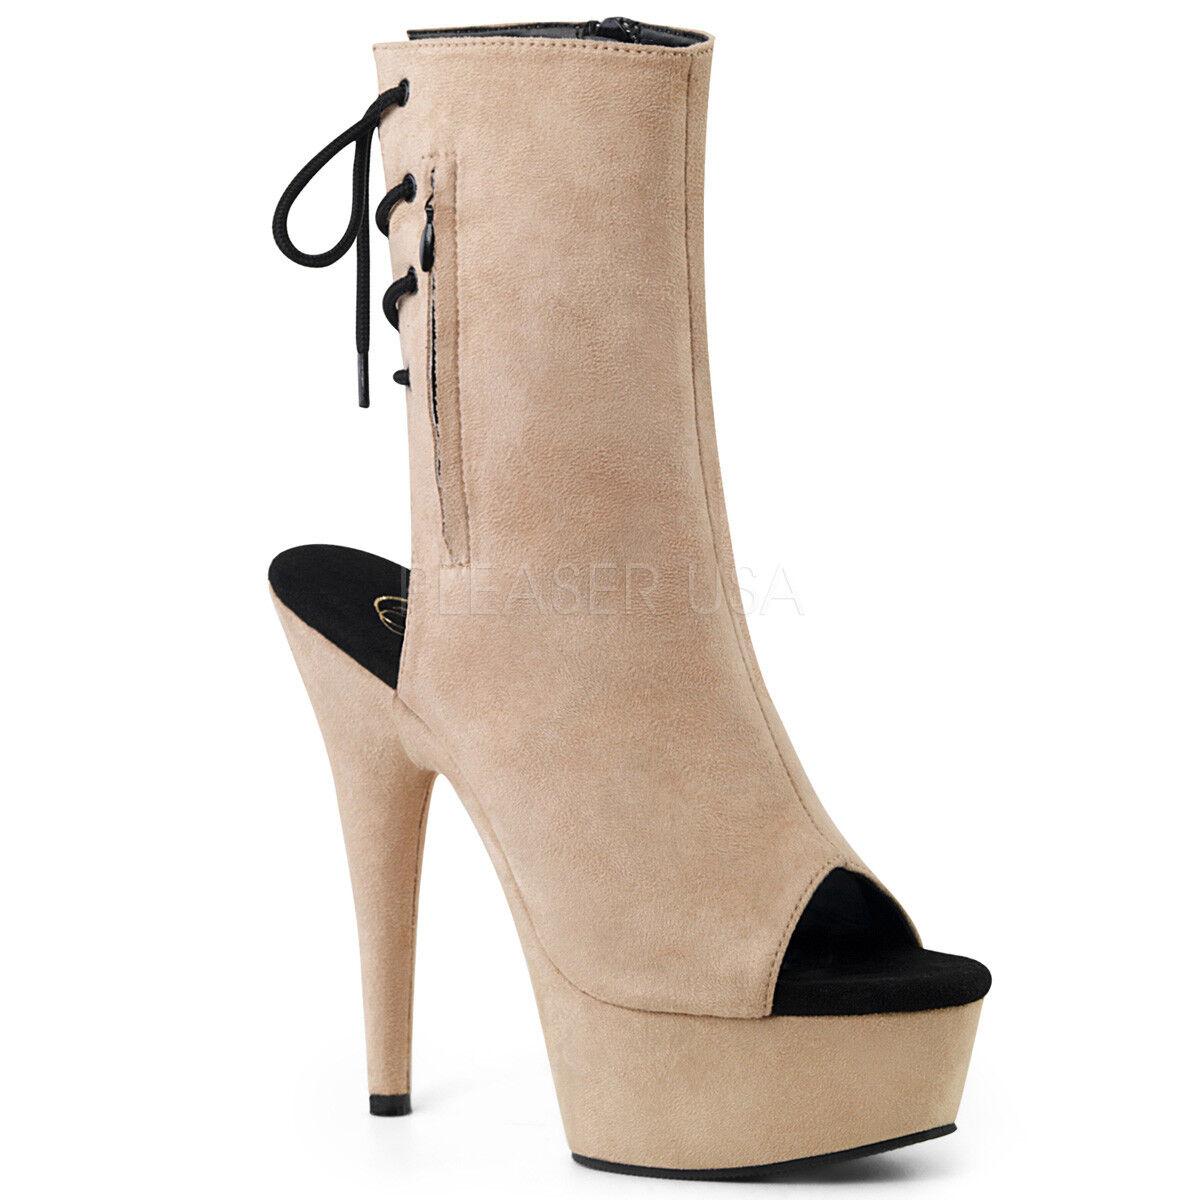 6 Negro Gamuza Fetiche Stripper Stripper Fetiche Tacones Bailarina zapatos 16a47e